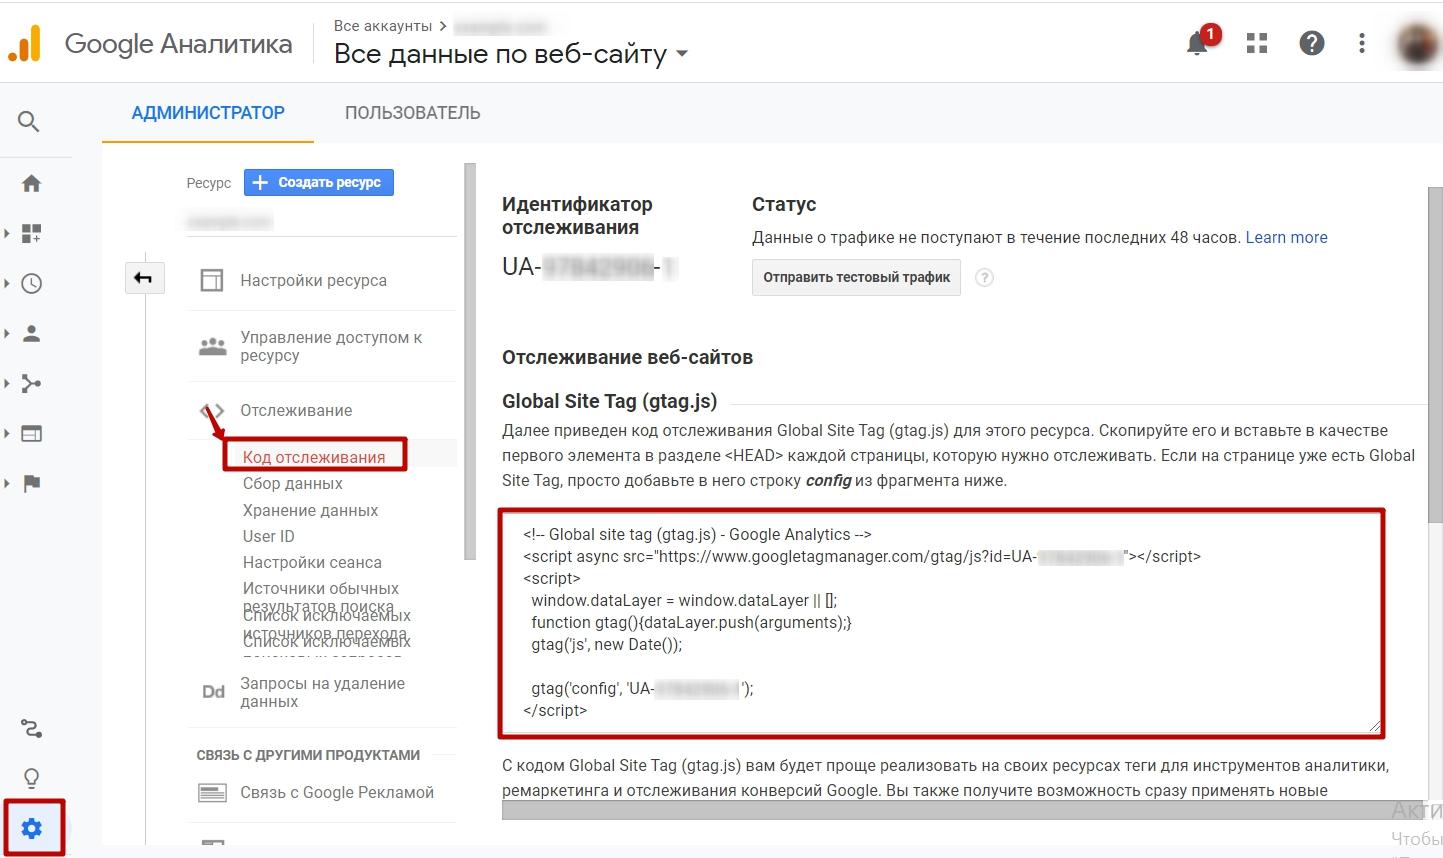 Установка кода Google Analytics – код gtag в интерфейсе Google Аналитики